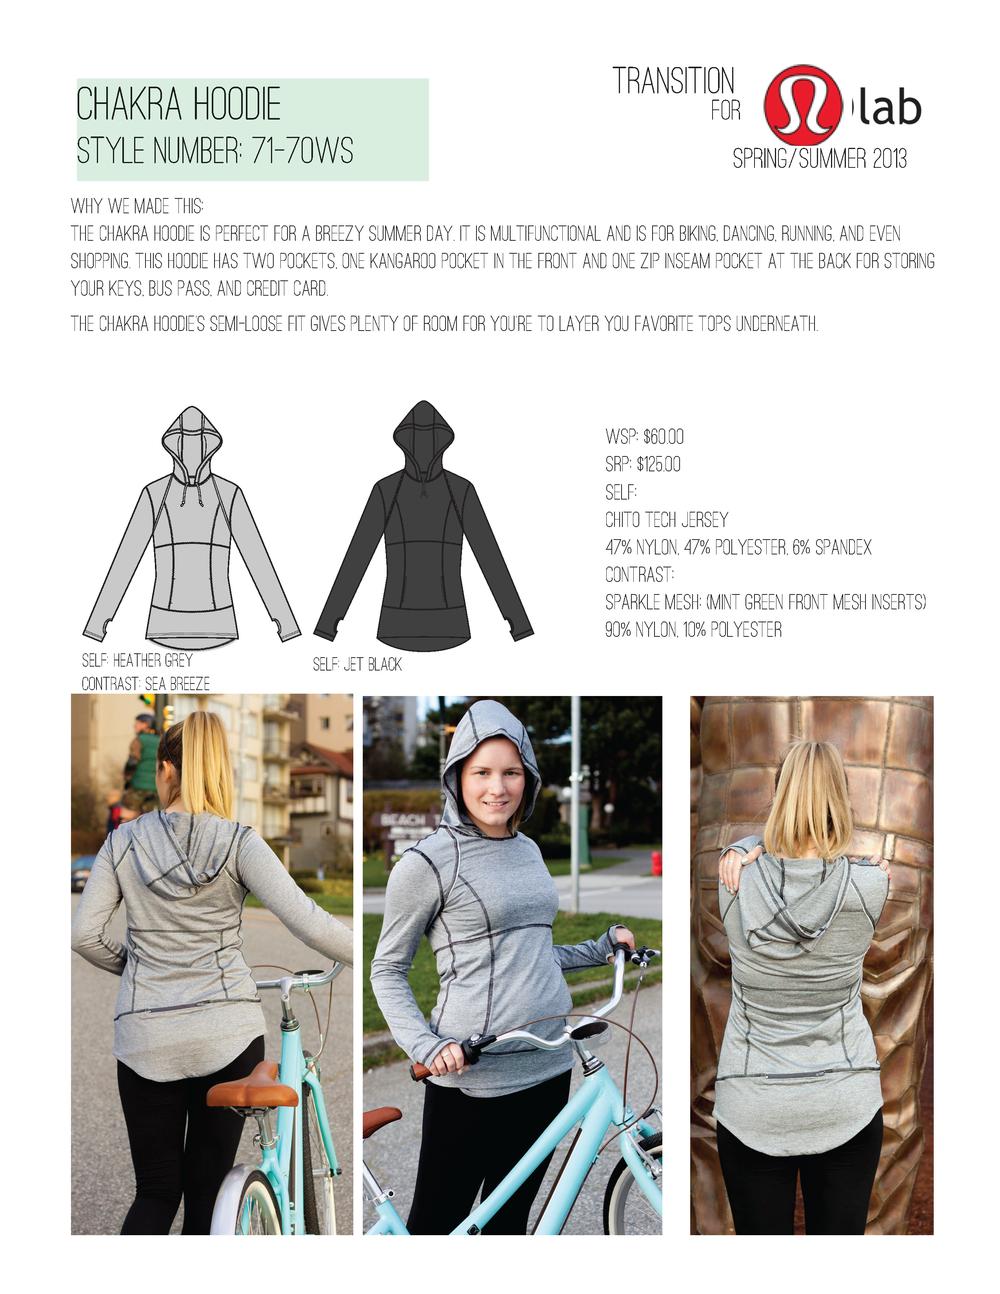 knitprojectTOPRINTFINAL_Page_07.png